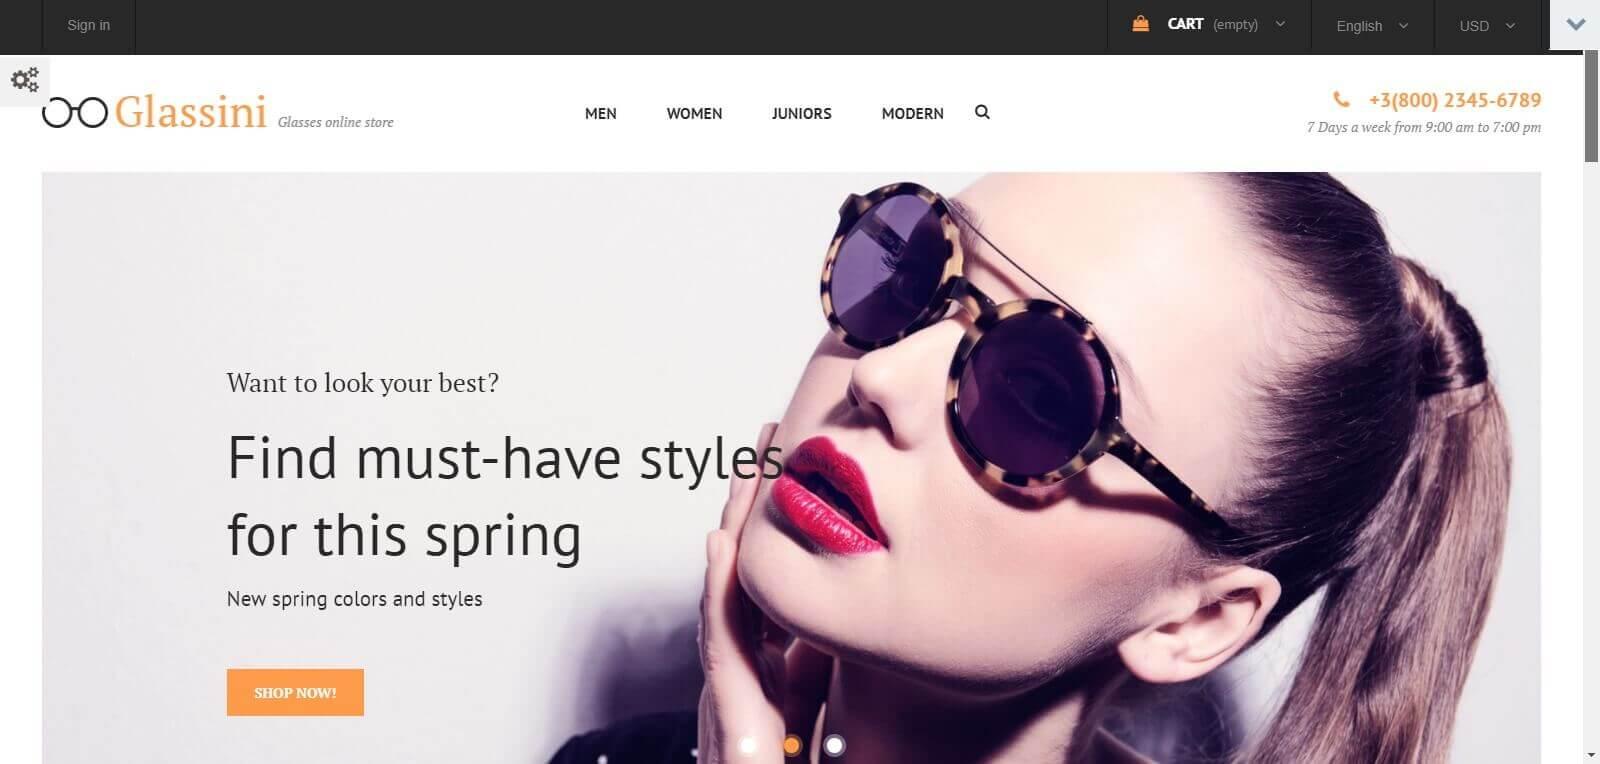 Vì sao cần thiết kế website bán mắt kính